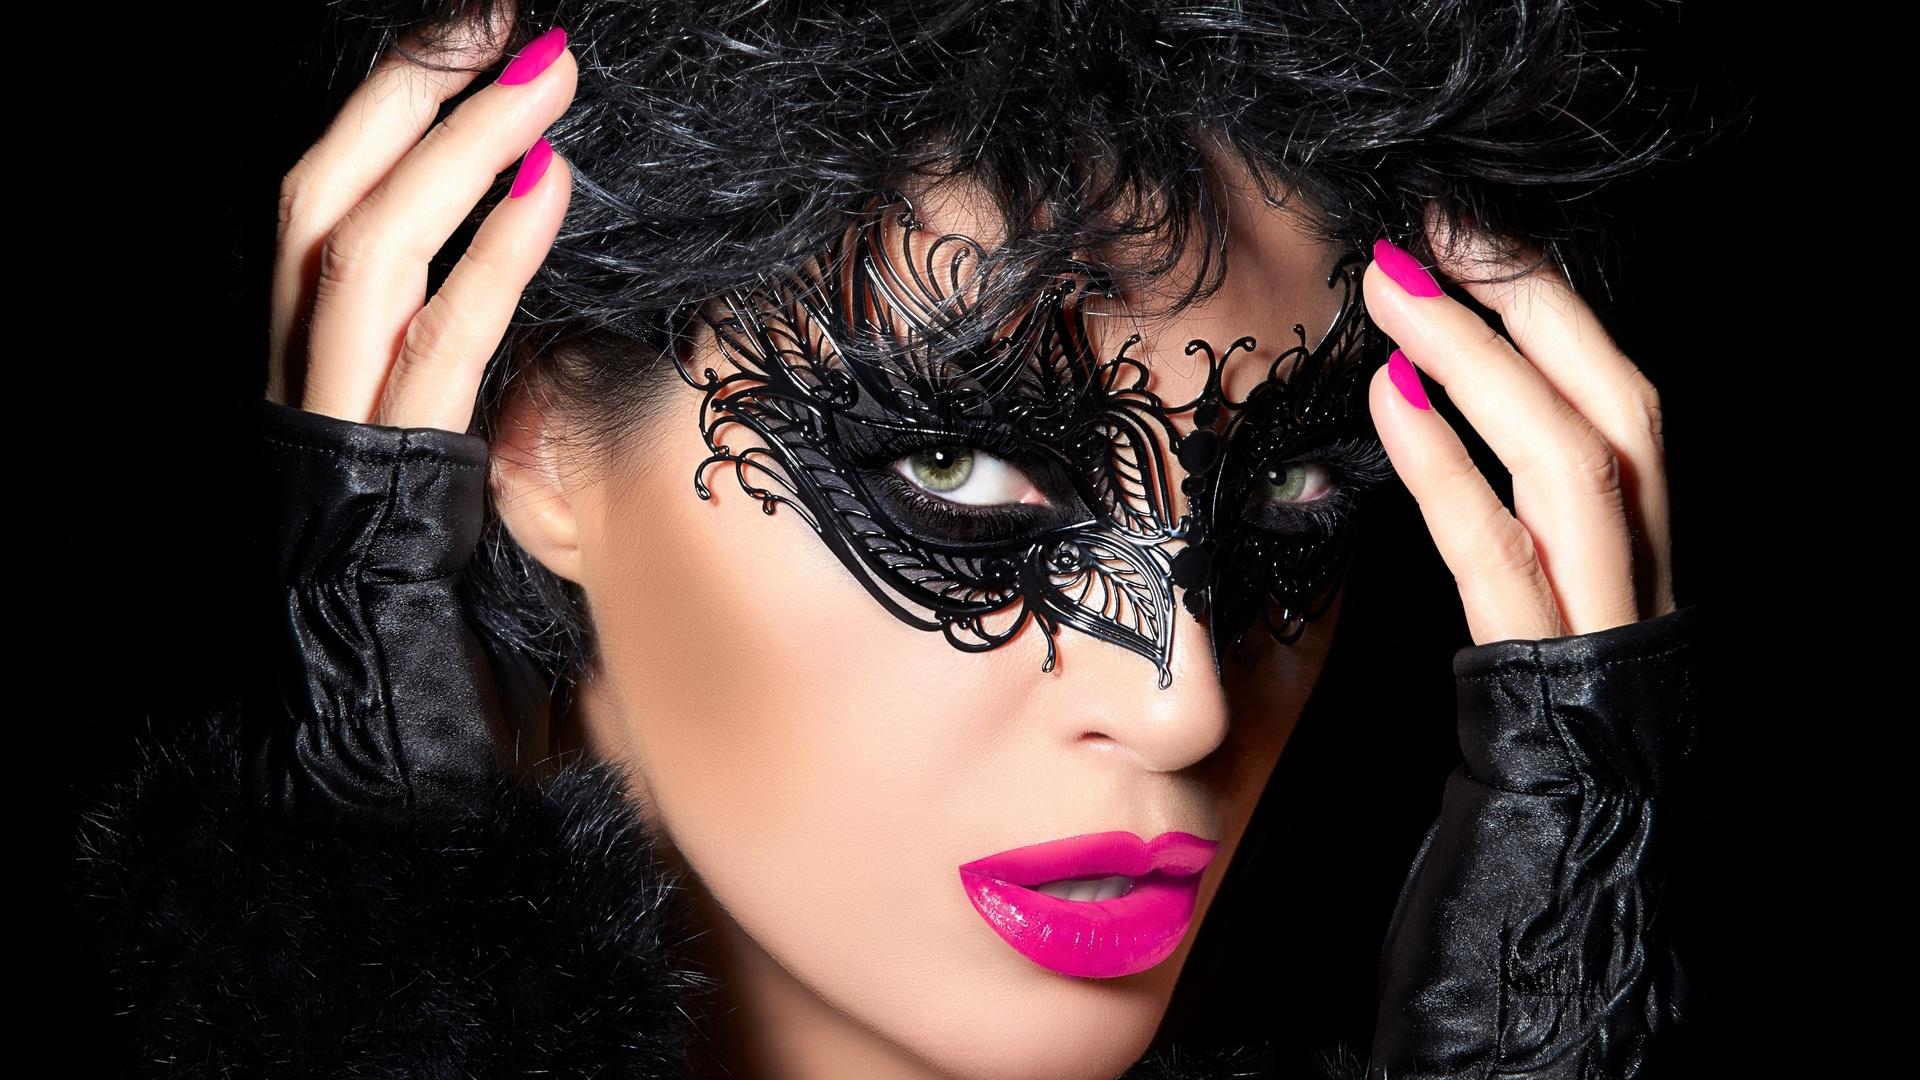 девушка, белье, красотка, портрет, крупно, лицо, взгляд, маска